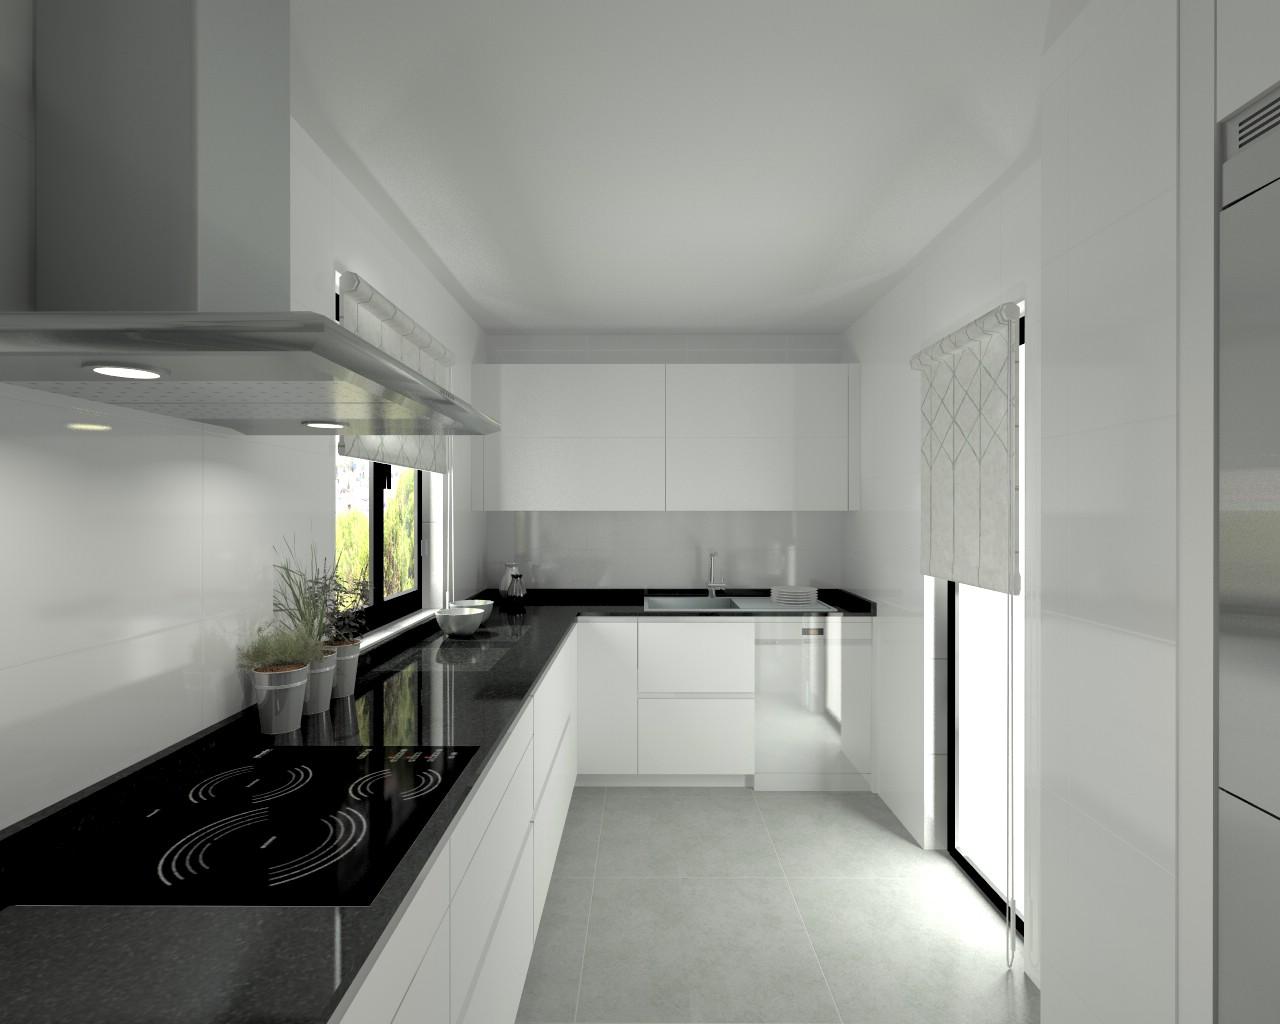 Proyectos de cocinas docrys cocinas for Encimera de cocina lacada en blanco negro